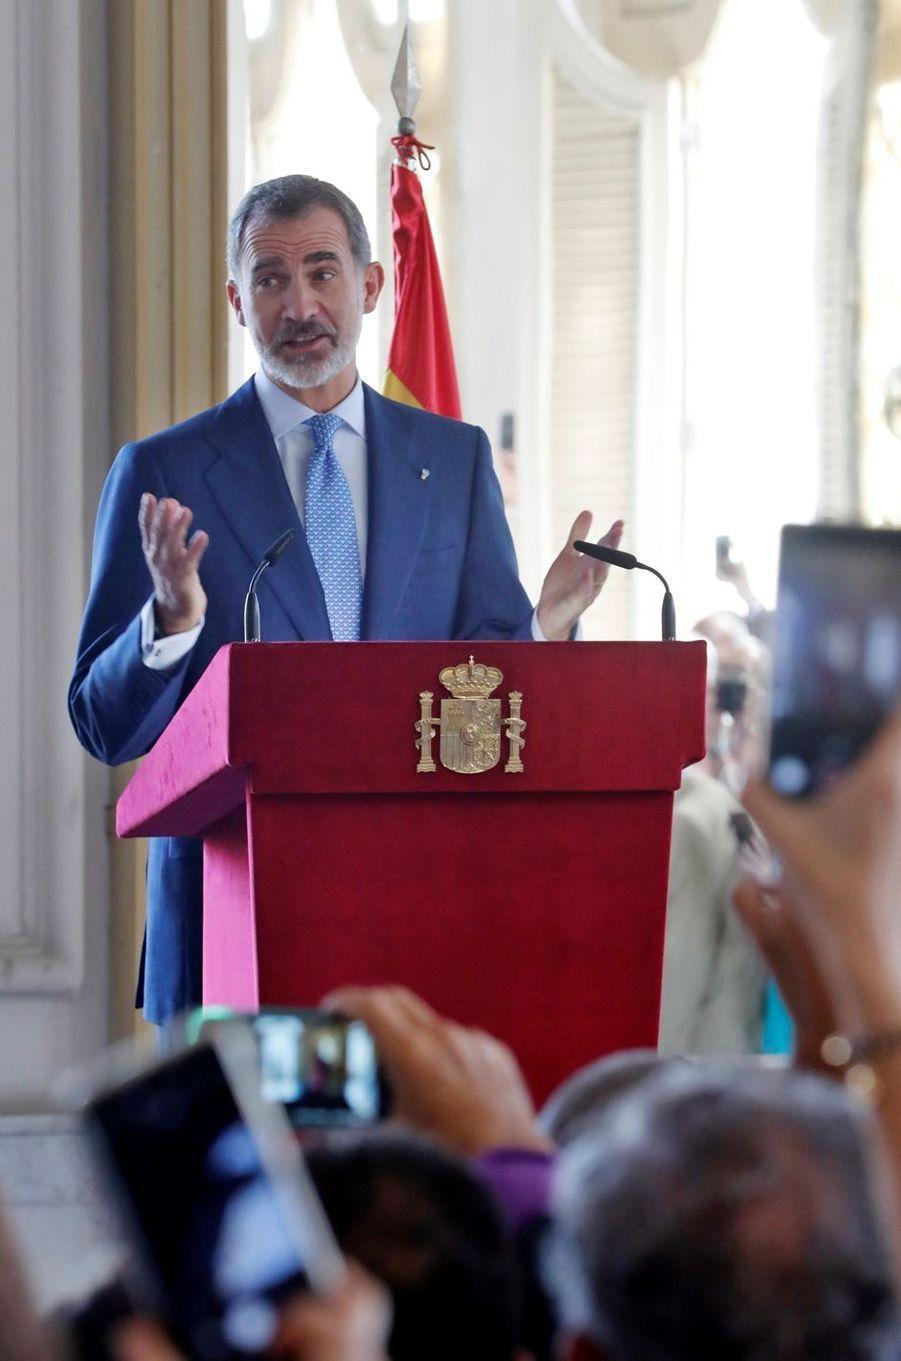 Le roi Felipe VI d'Espagne à La Havane, le 13 novembre 2019